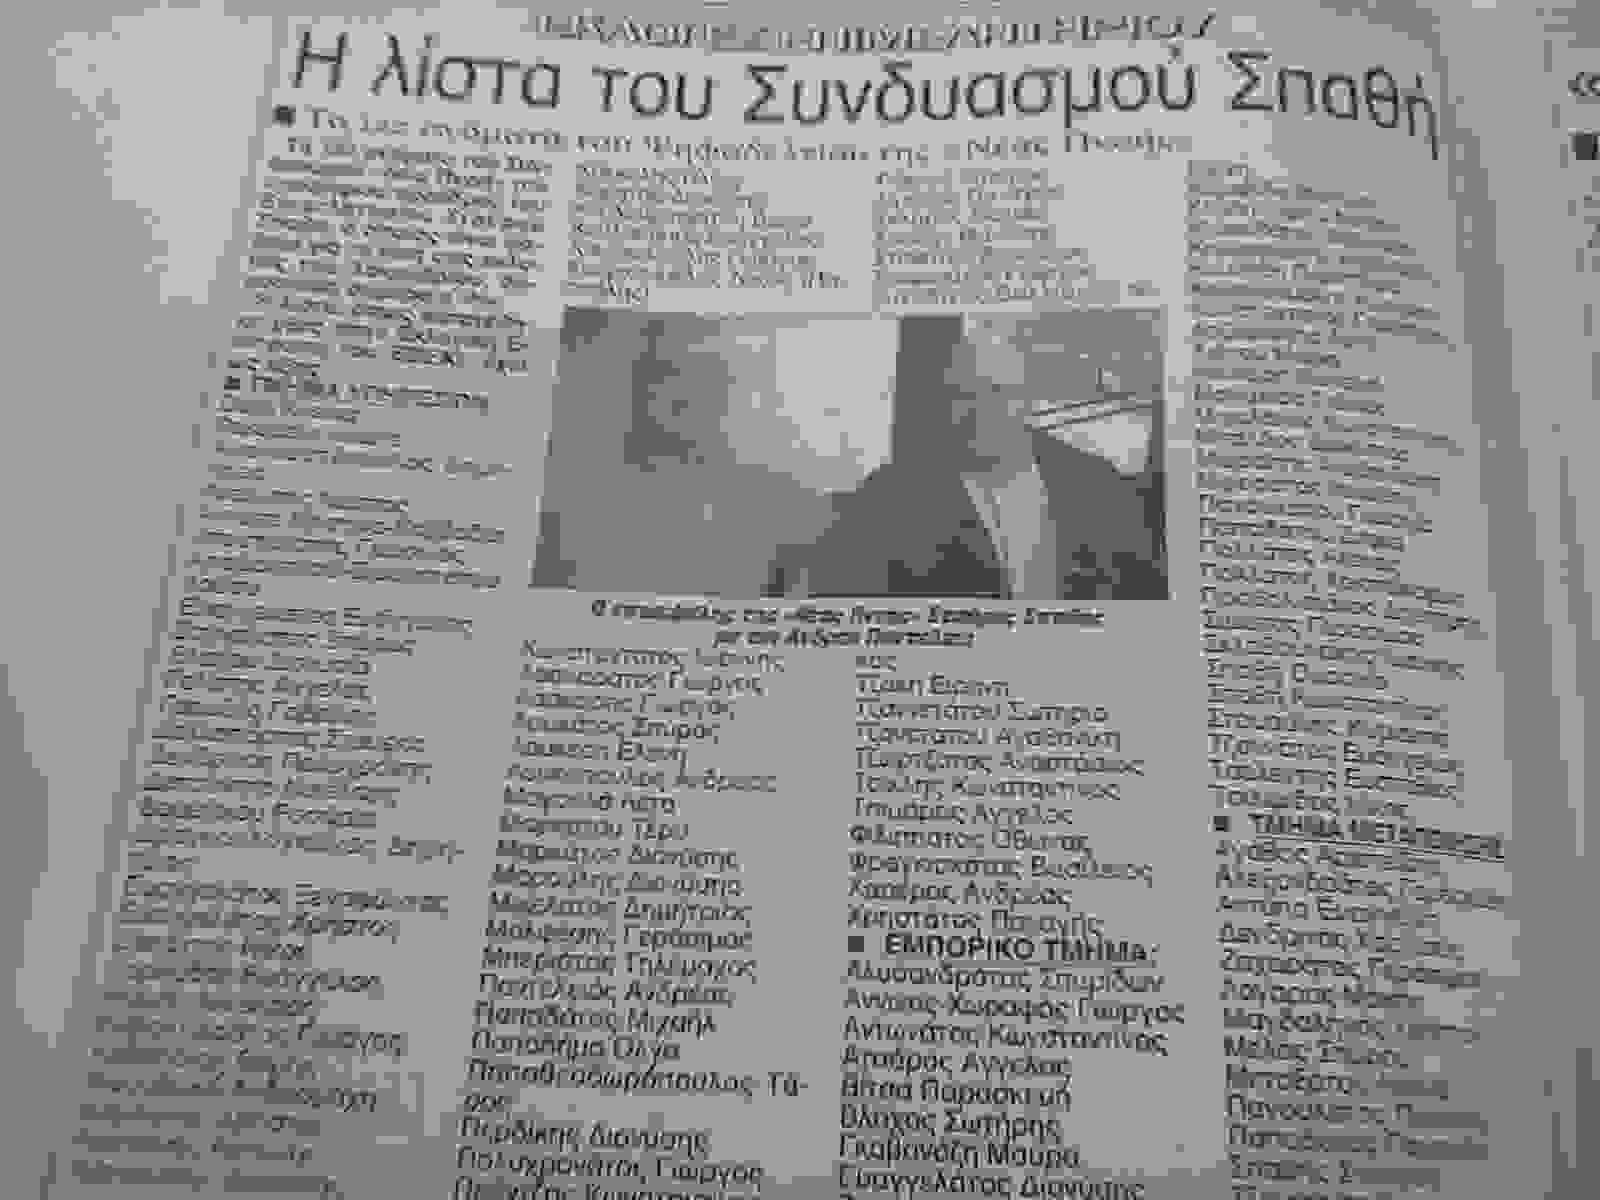 Η ΑΤΖΕΝΤΑ ΤΟΥ ΣΑΒΒΑΤΟΥ: ΕΠΙΜΕΛΗΤΗΡΙΟ (ΛΙΣΤΑ ΥΠΟΨΗΦΙΩΝ ΣΠΑΘΗ)-ΤΑ ΣΧΟΛΕΙΑ-ΤΑ ΔΥΟ ΜΕΓΑΛΑ ΕΡΓΑ ΠΟΥ ΔΗΜΟΠΡΑΤΟΥΝΤΑΙ